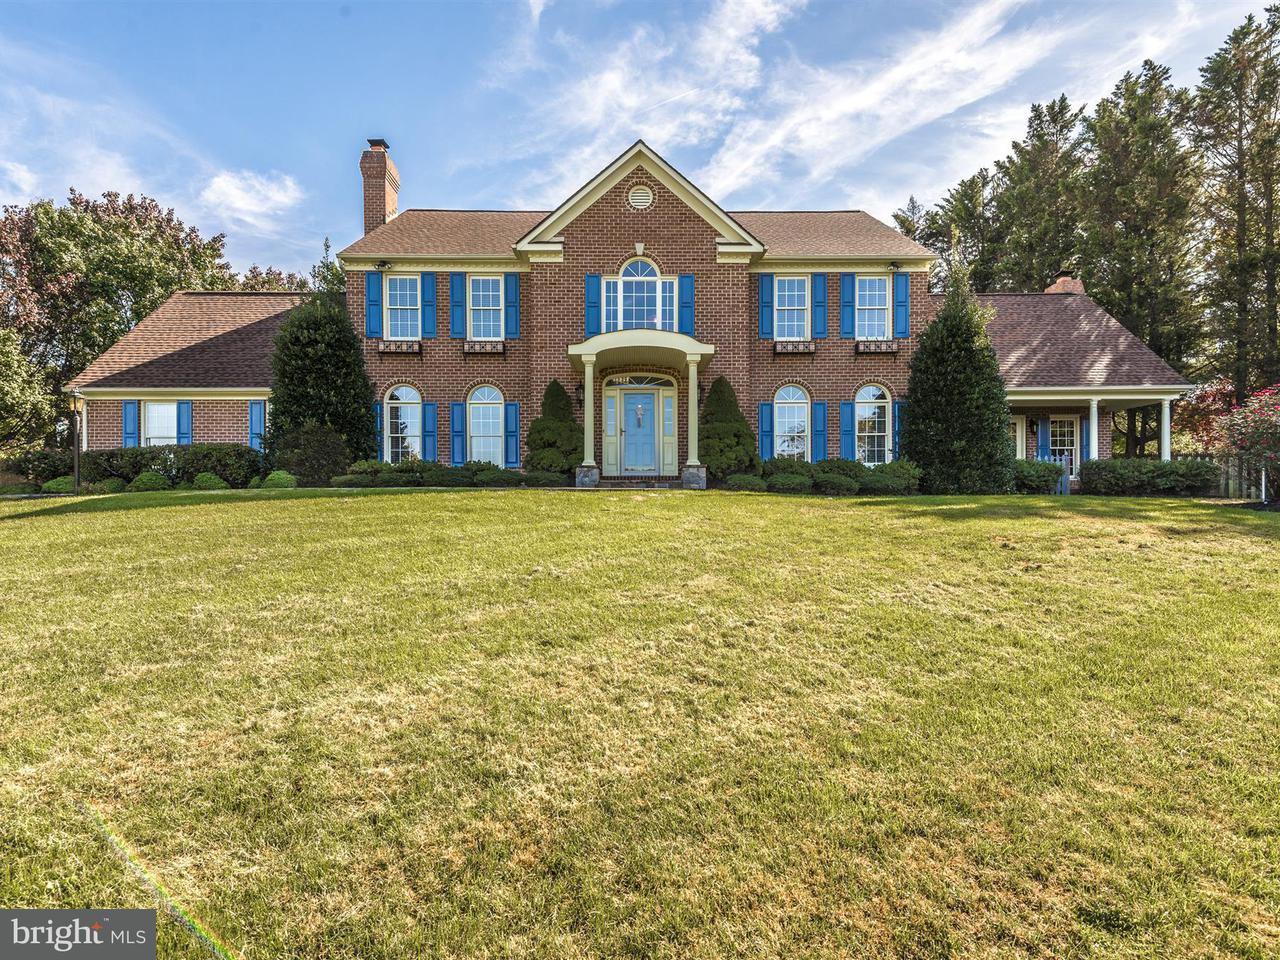 独户住宅 为 销售 在 11703 Glenwood Court 11703 Glenwood Court Ijamsville, 马里兰州 21754 美国